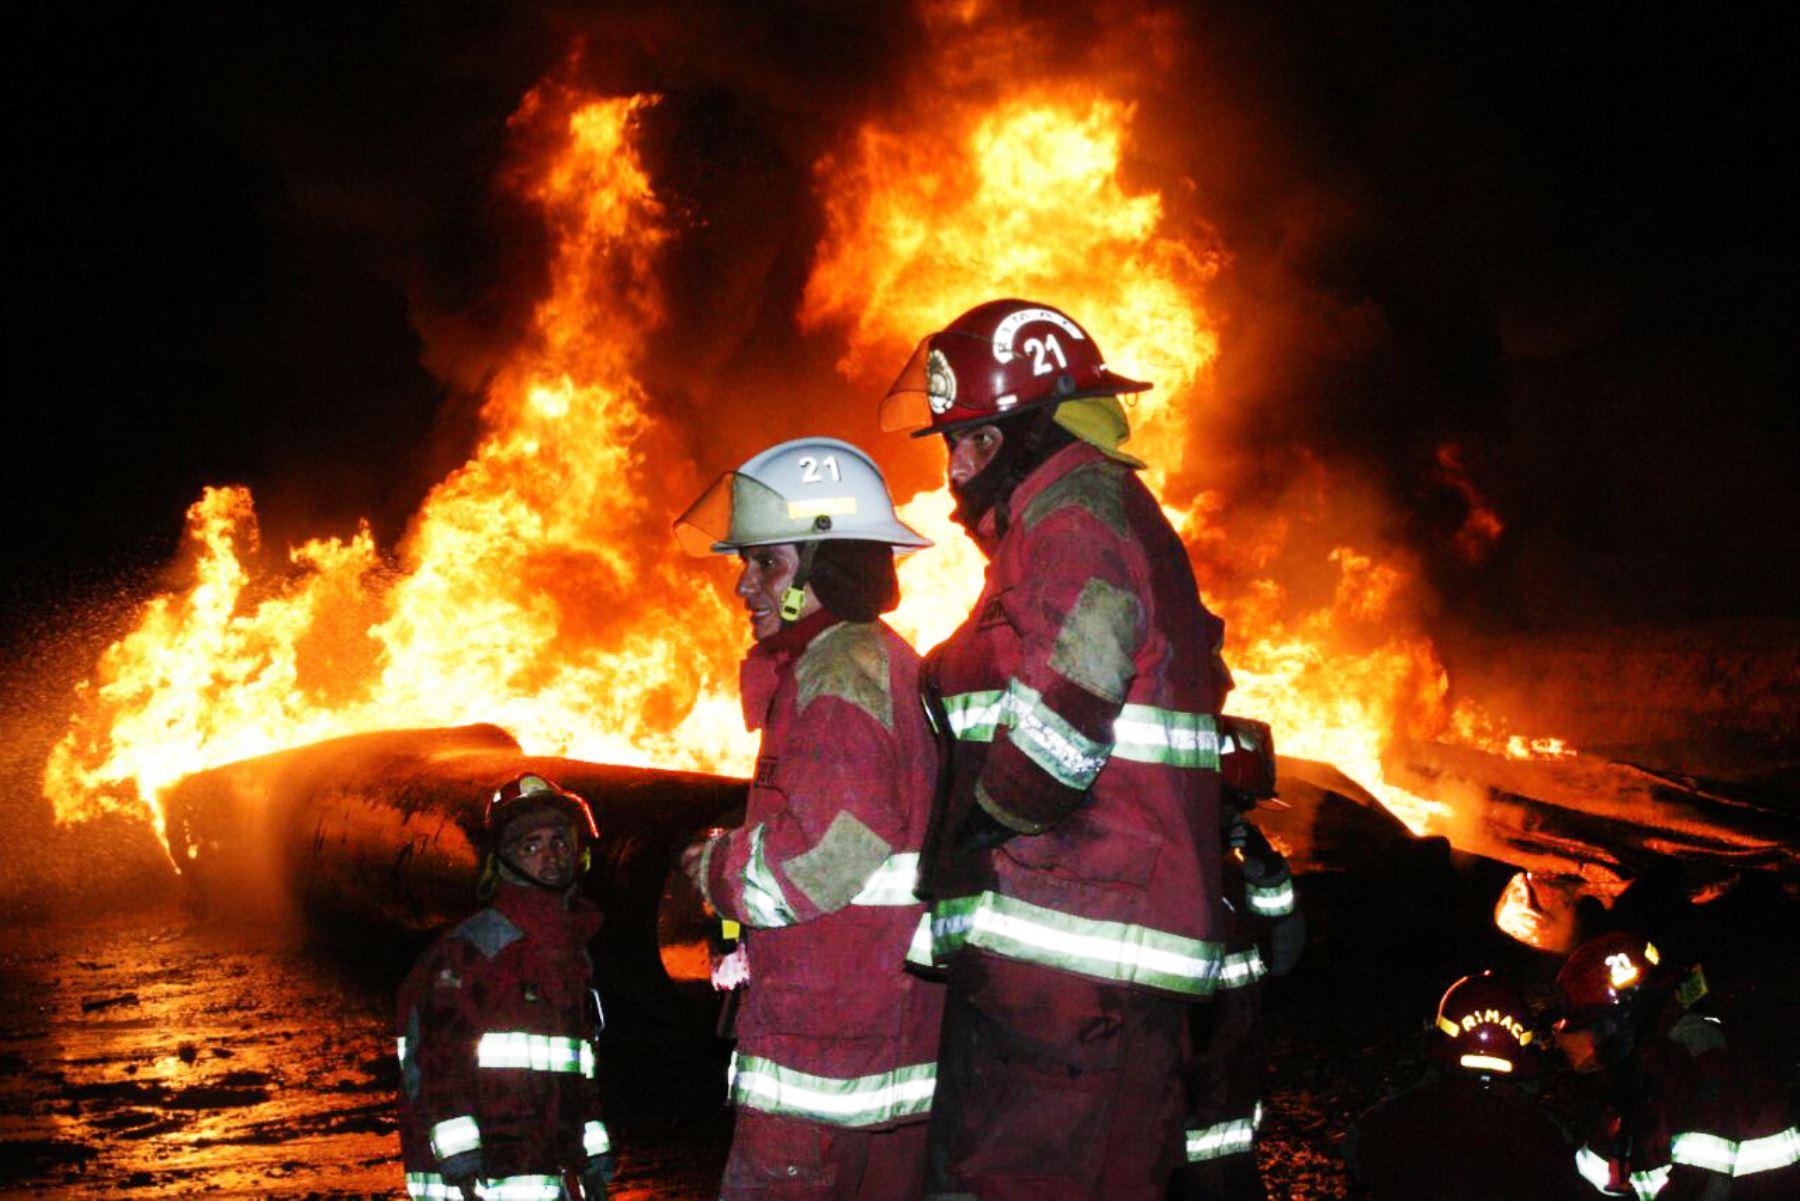 LIMA PERÚ, FEBRERO 15. Incendio en almacen del Rimac esta siendo controlado por los bomberos. Foto: ANDINA/Jhony Laurente